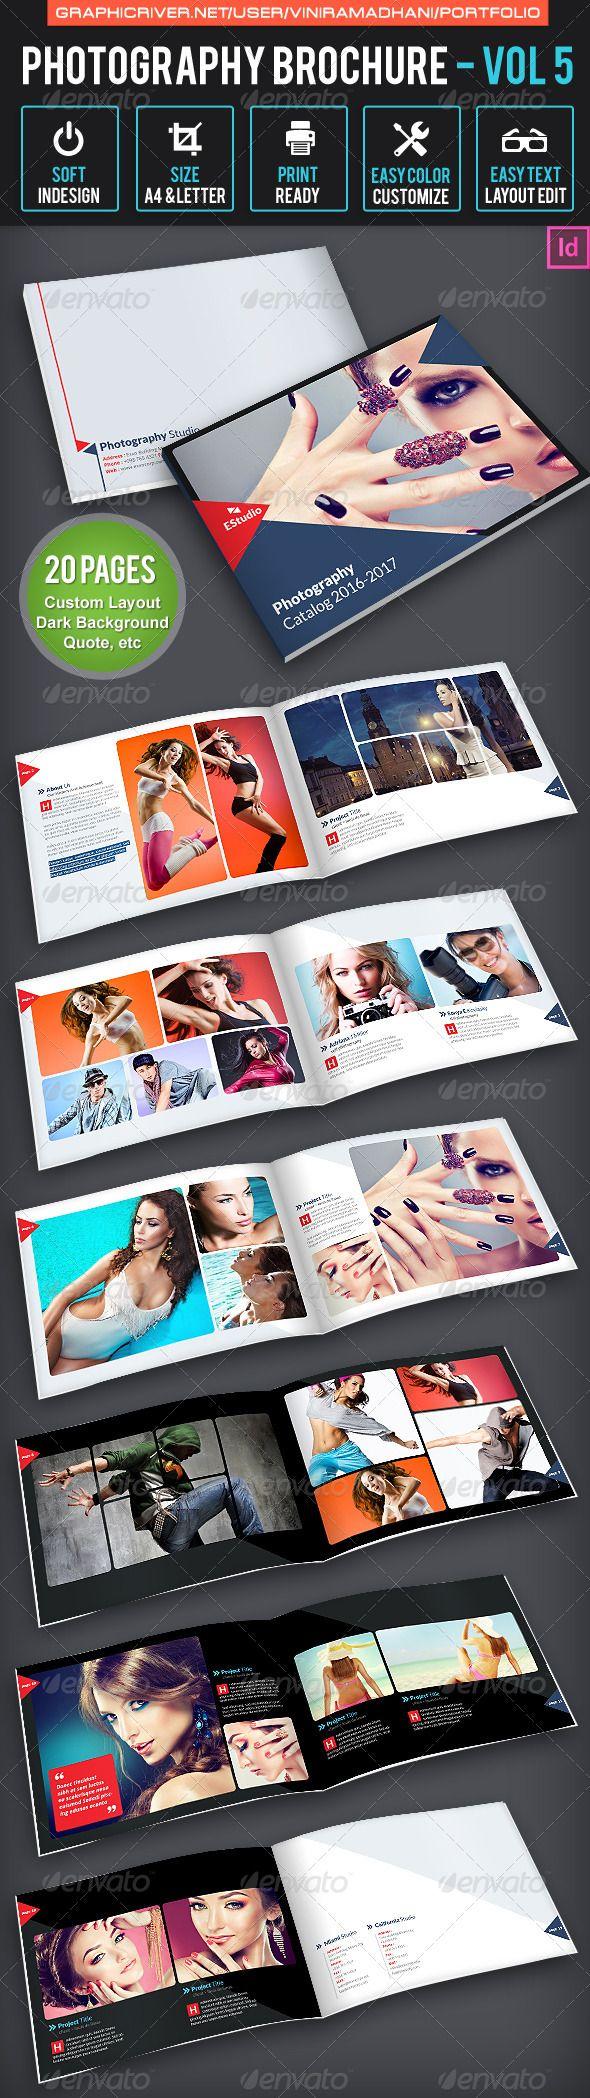 image break ups Photography Brochure | Volume 5 - Portfolio Brochures